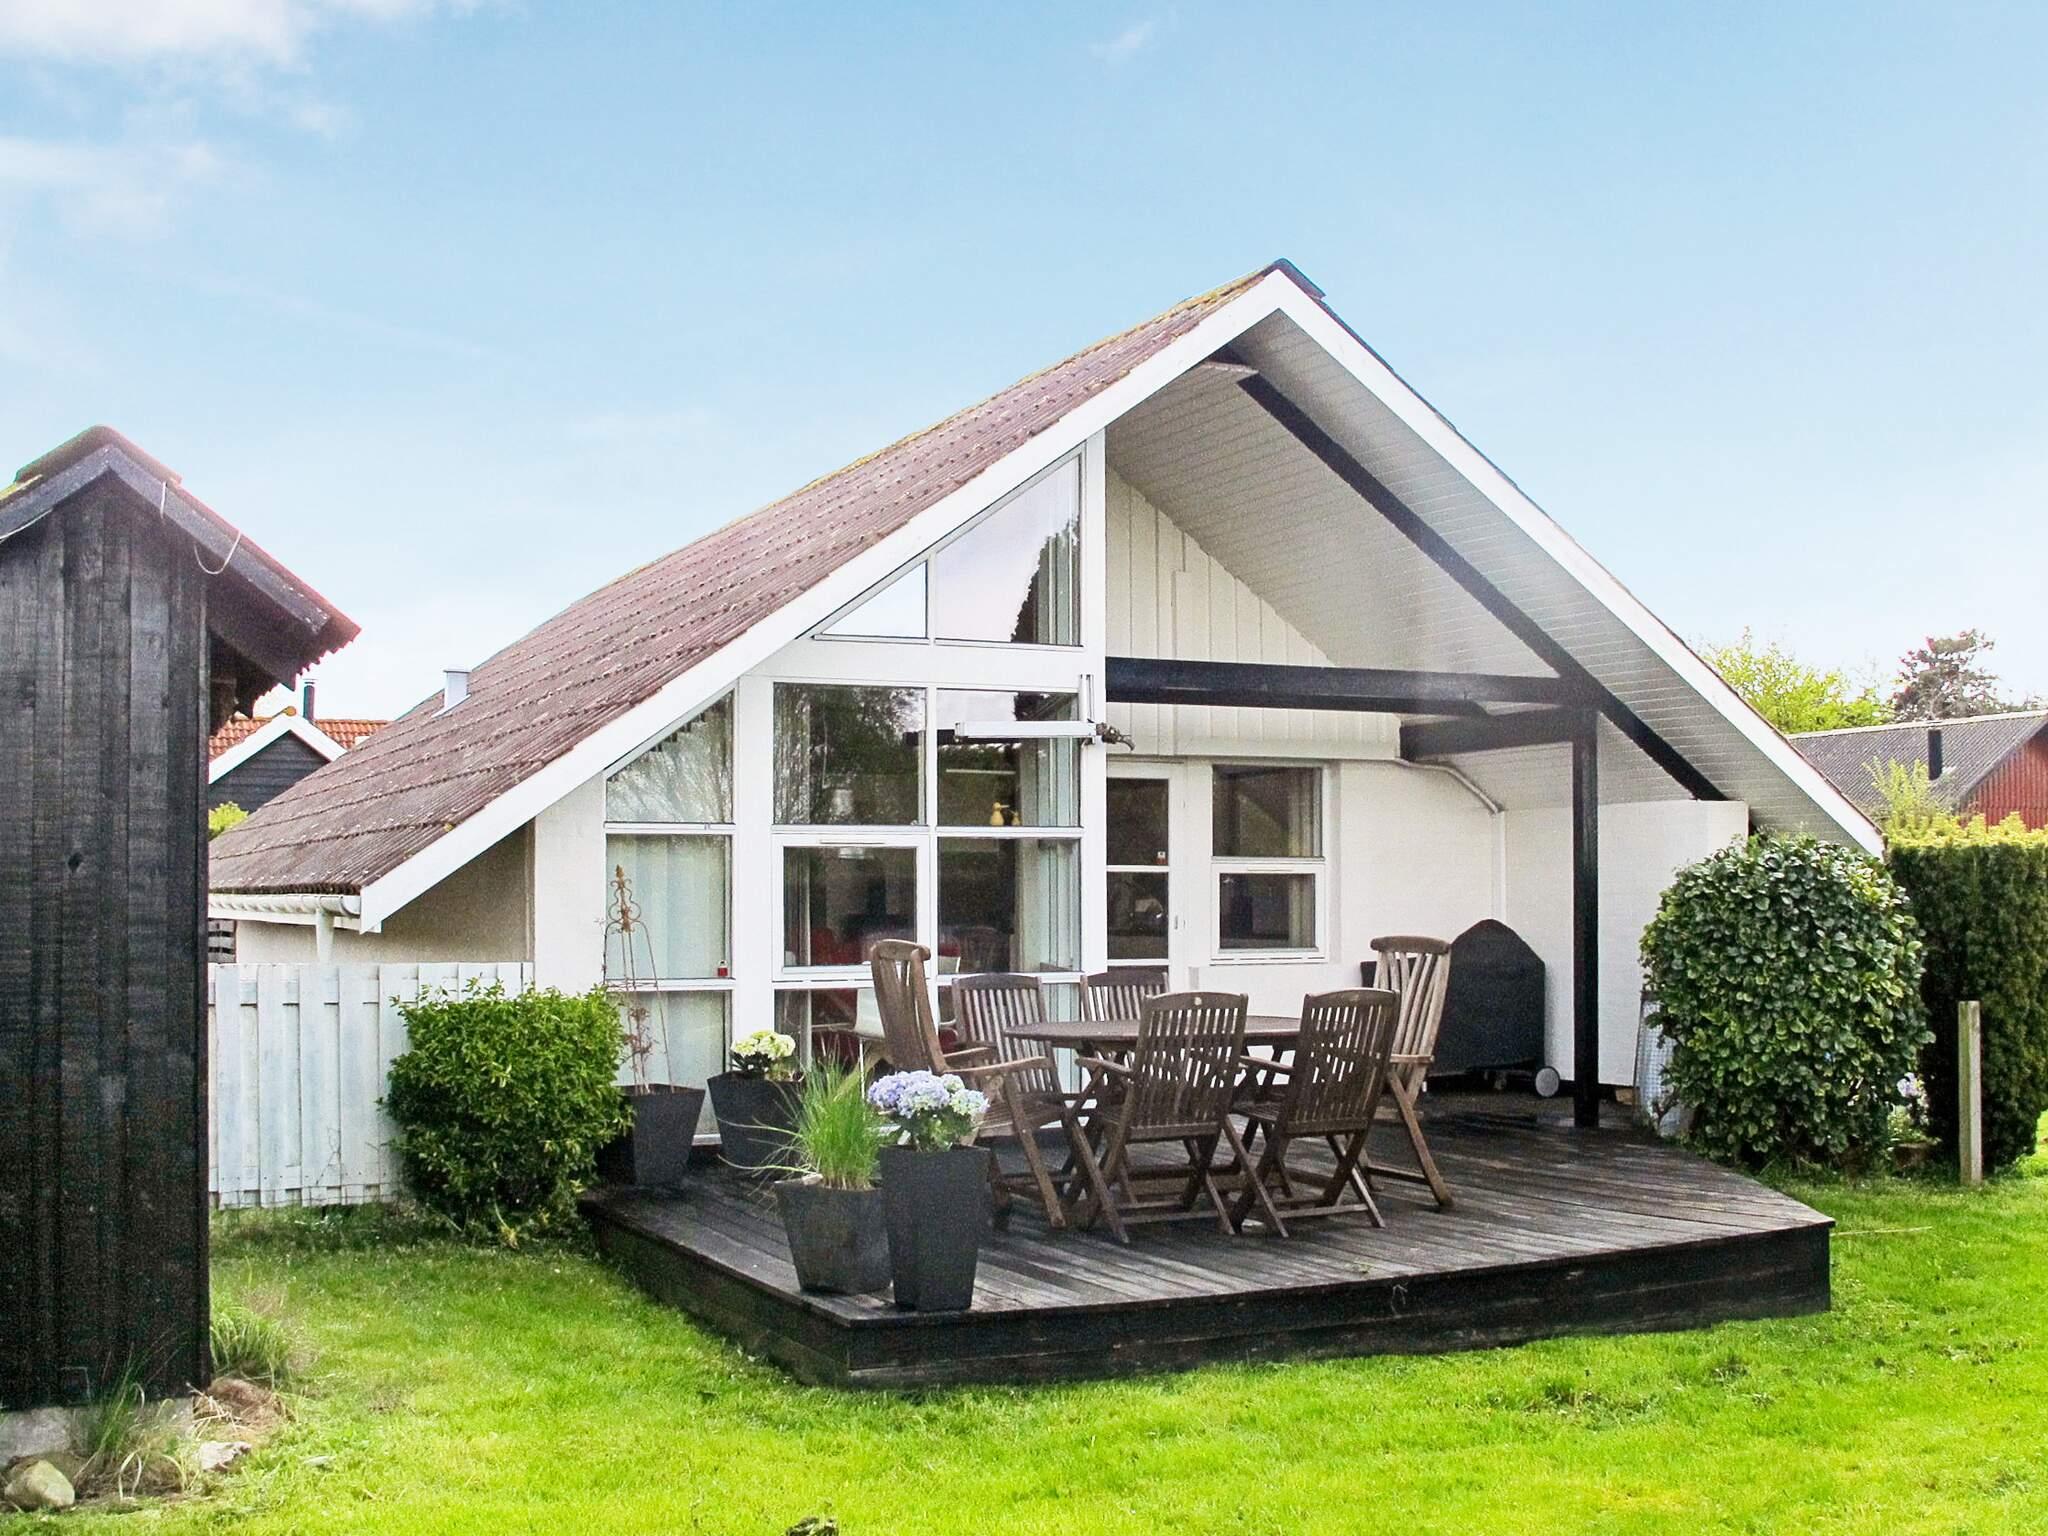 Ferienhaus Enø (2614348), Karrebæksminde, , Südseeland, Dänemark, Bild 13